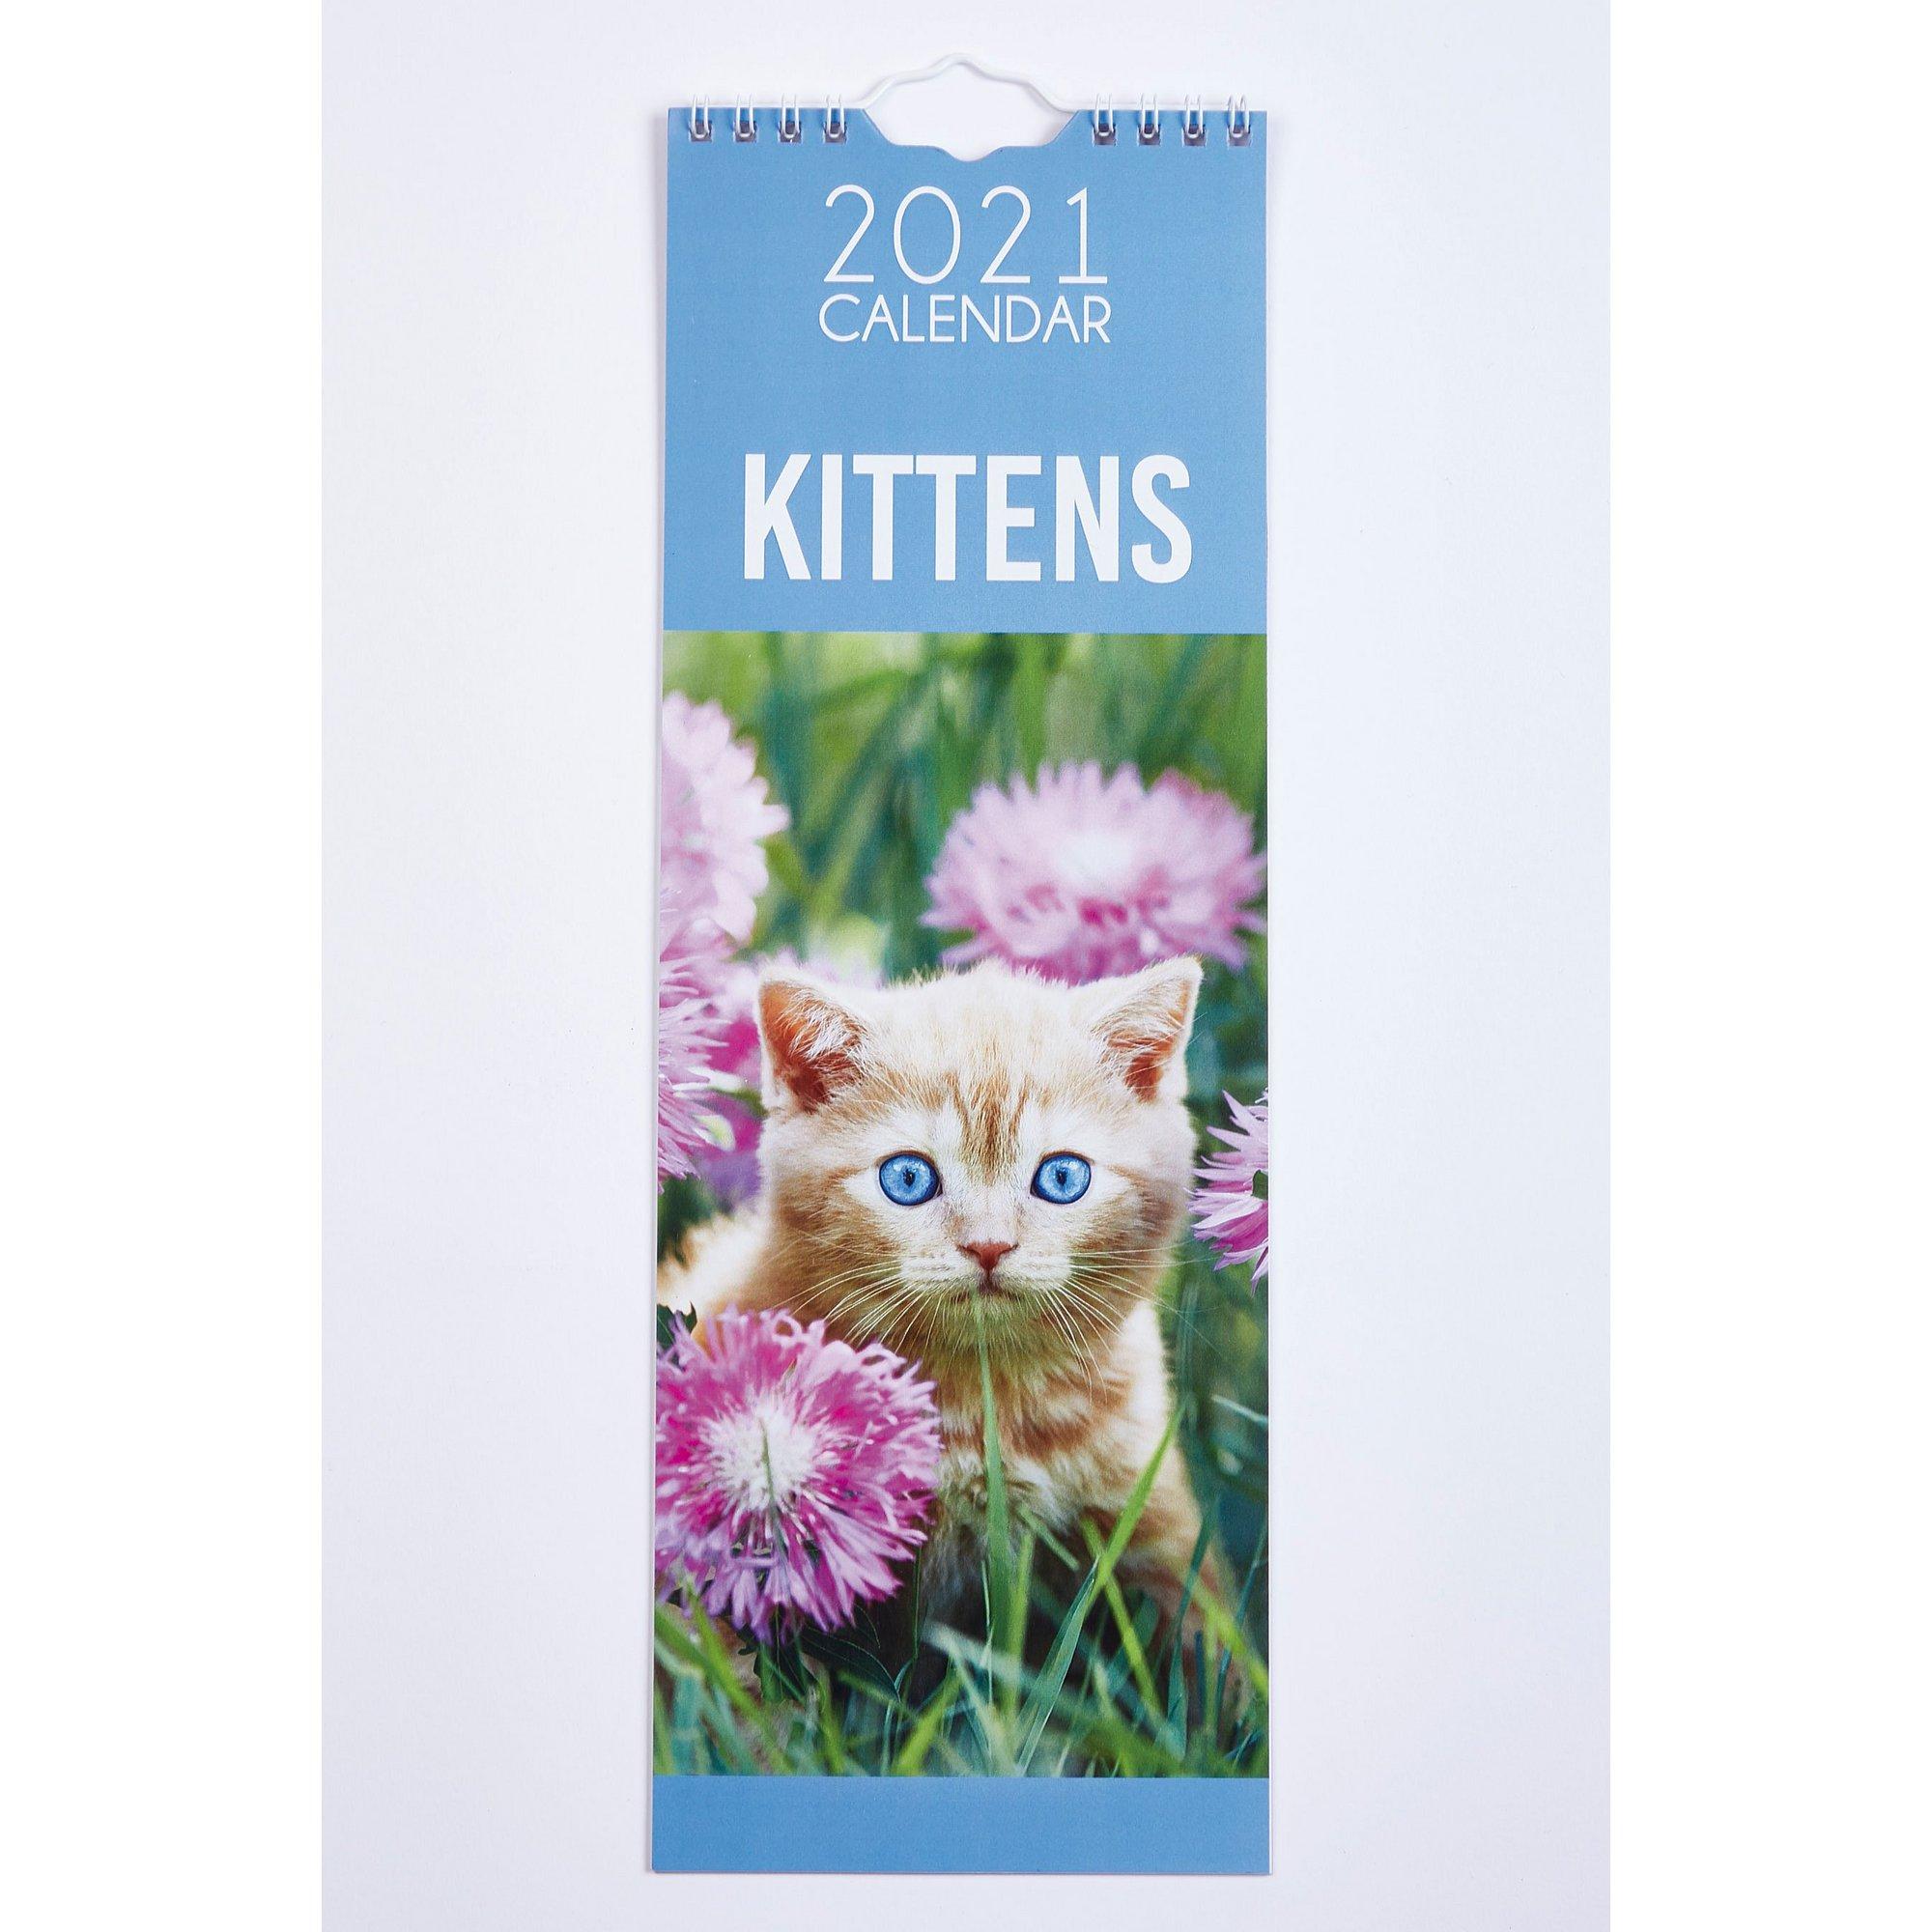 Image of Slim Kittens Calendar 2021